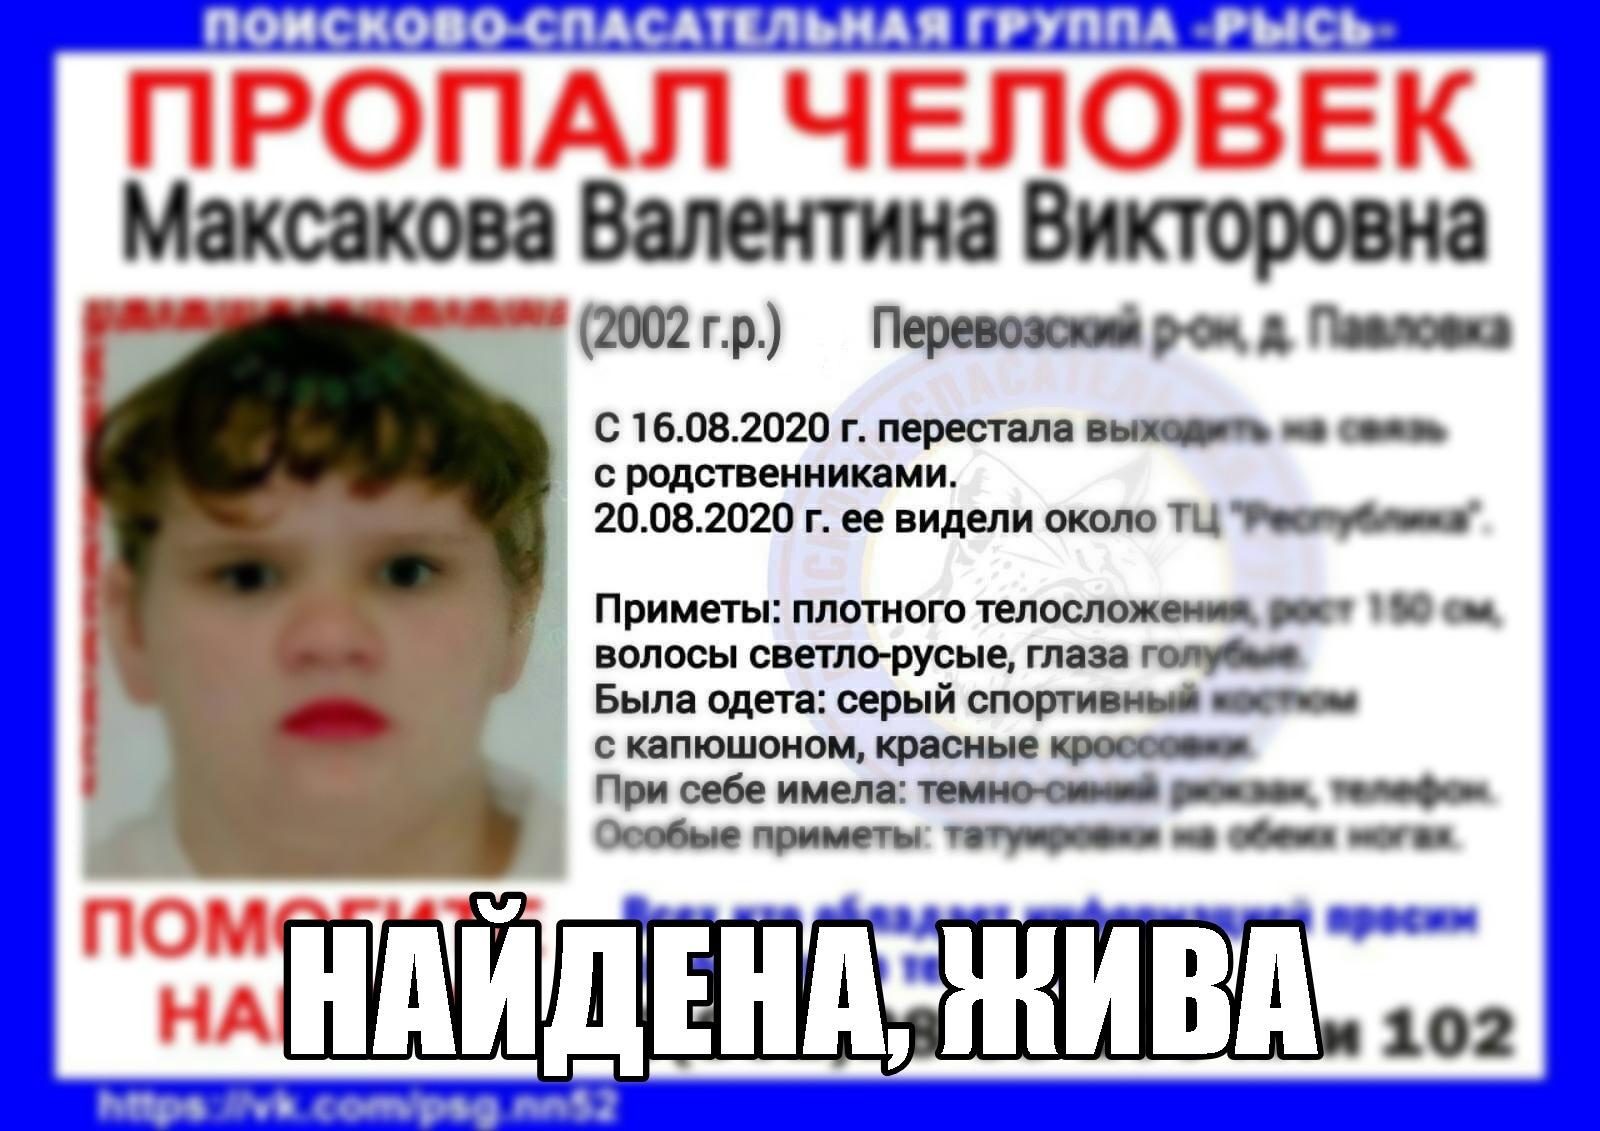 Максакова Валентина Викторовна, 2002 г. р., Перевозский р-он, д. Павловка